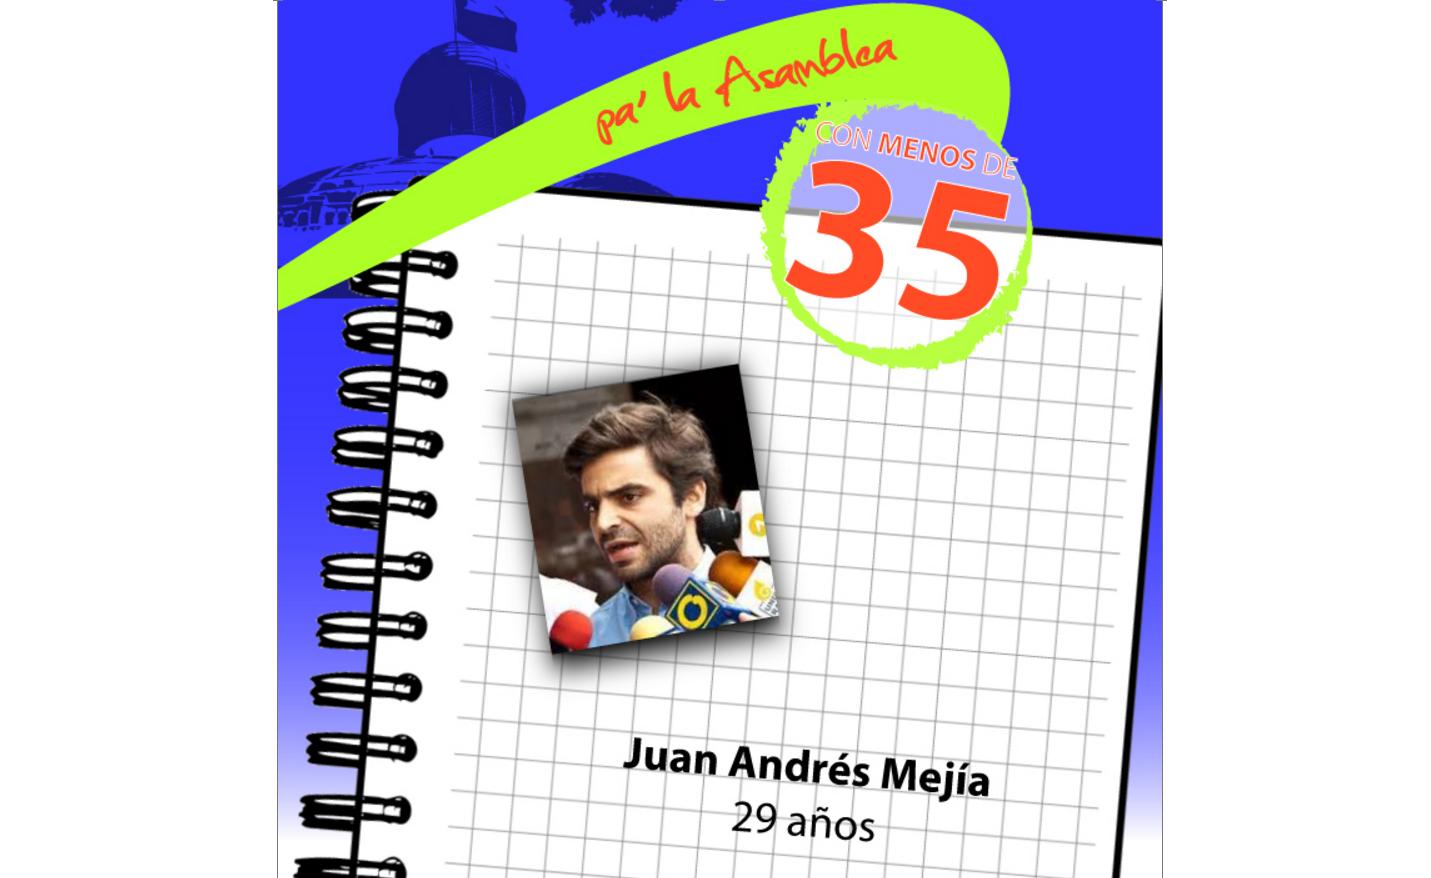 Juan Andrés Mejía abogará por más educación y apoyo al emprendimiento desde la Asamblea